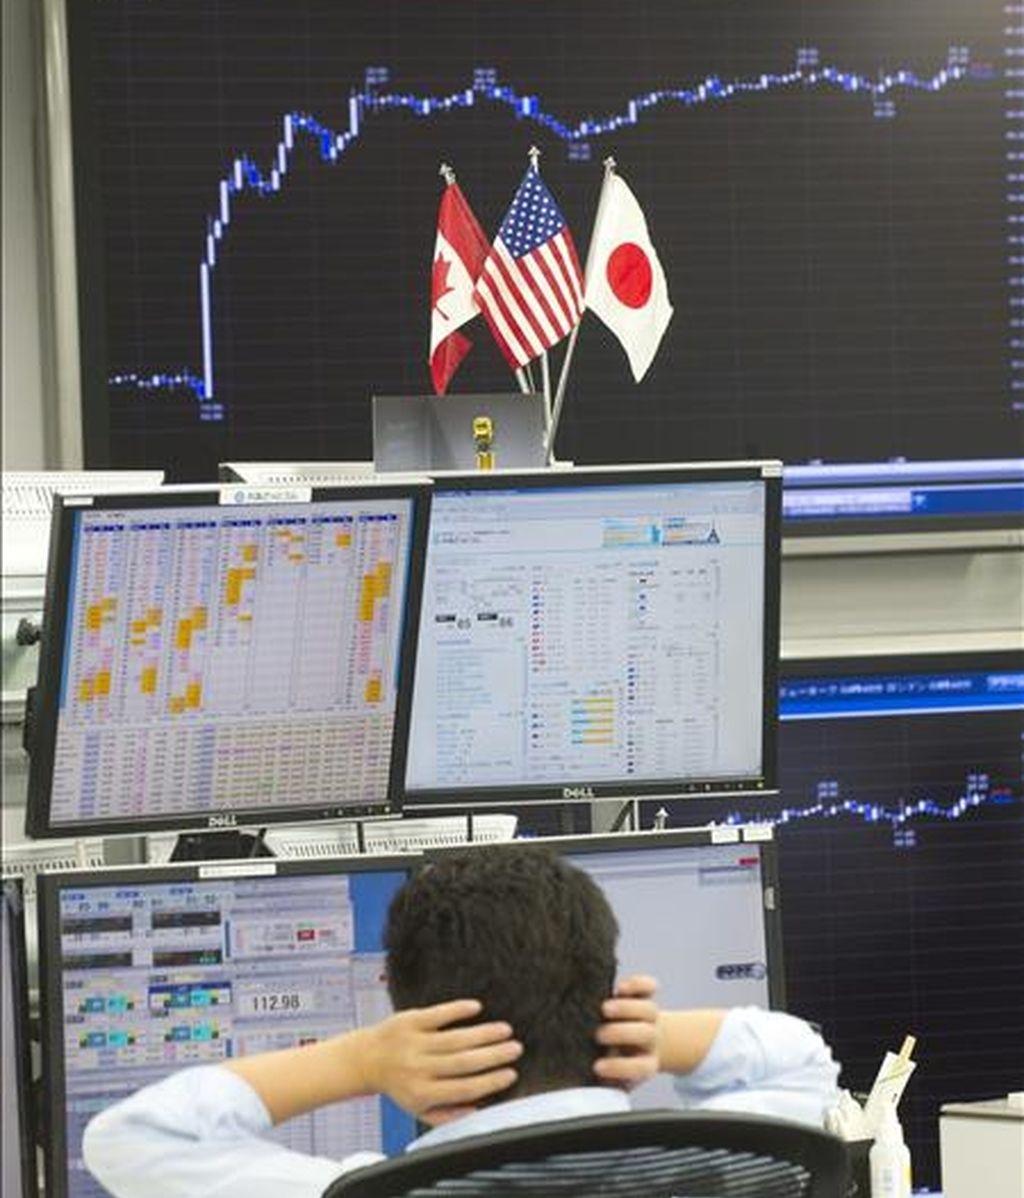 Un agente de bolsa japonés trabaja en una empresa de corretaje del centro de Tokio. EFE/Archivo